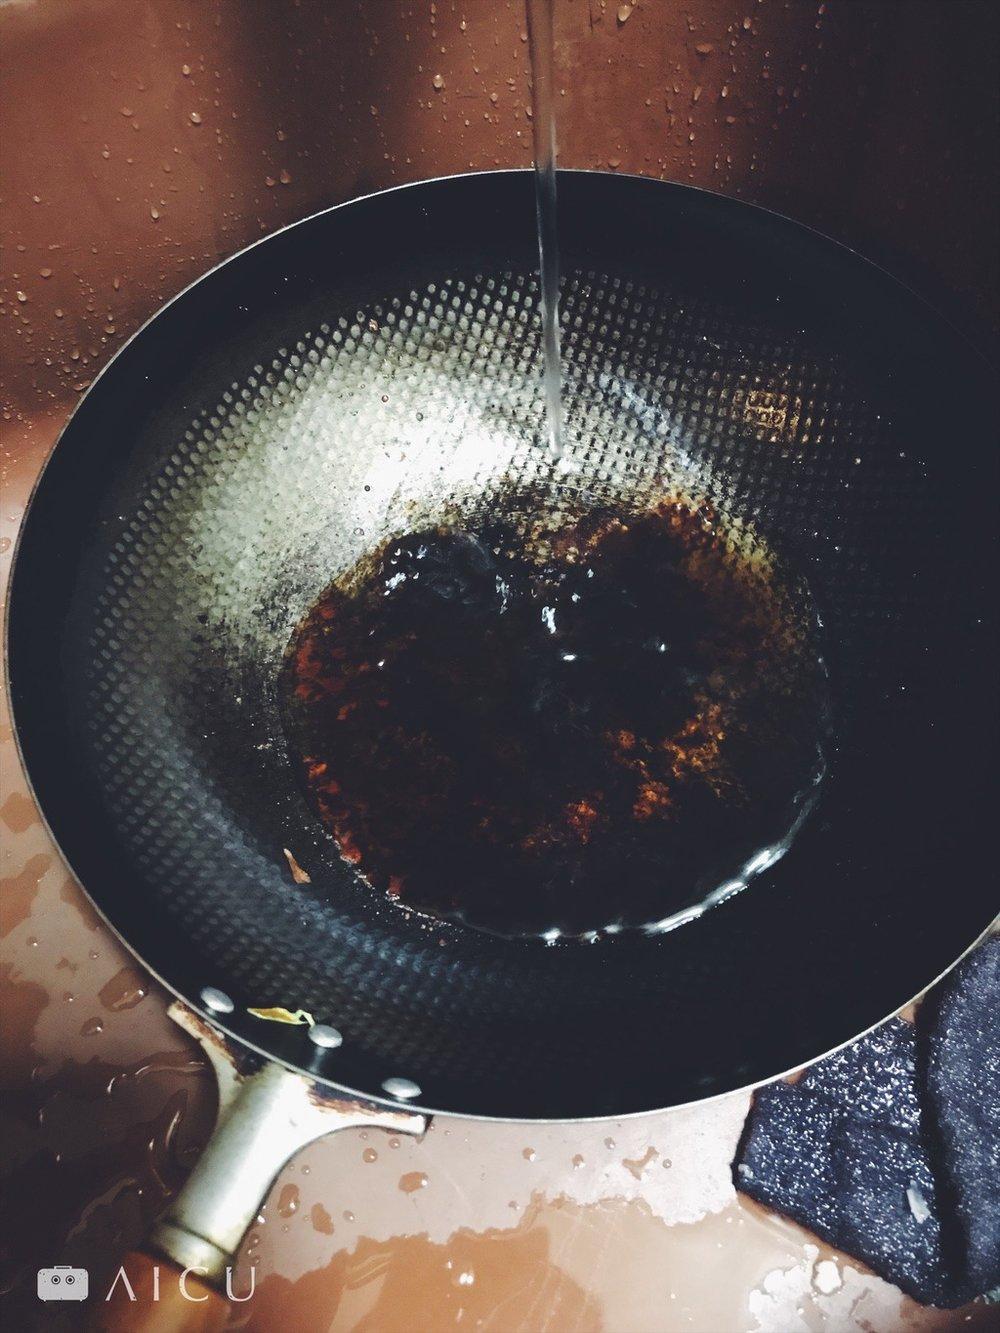 直接沖水趁熱洗 - 神器鐵鍋其中一個厲害之處,就是熱鍋直接沖冷水也不打緊,馬上洗,就能洗乾淨。